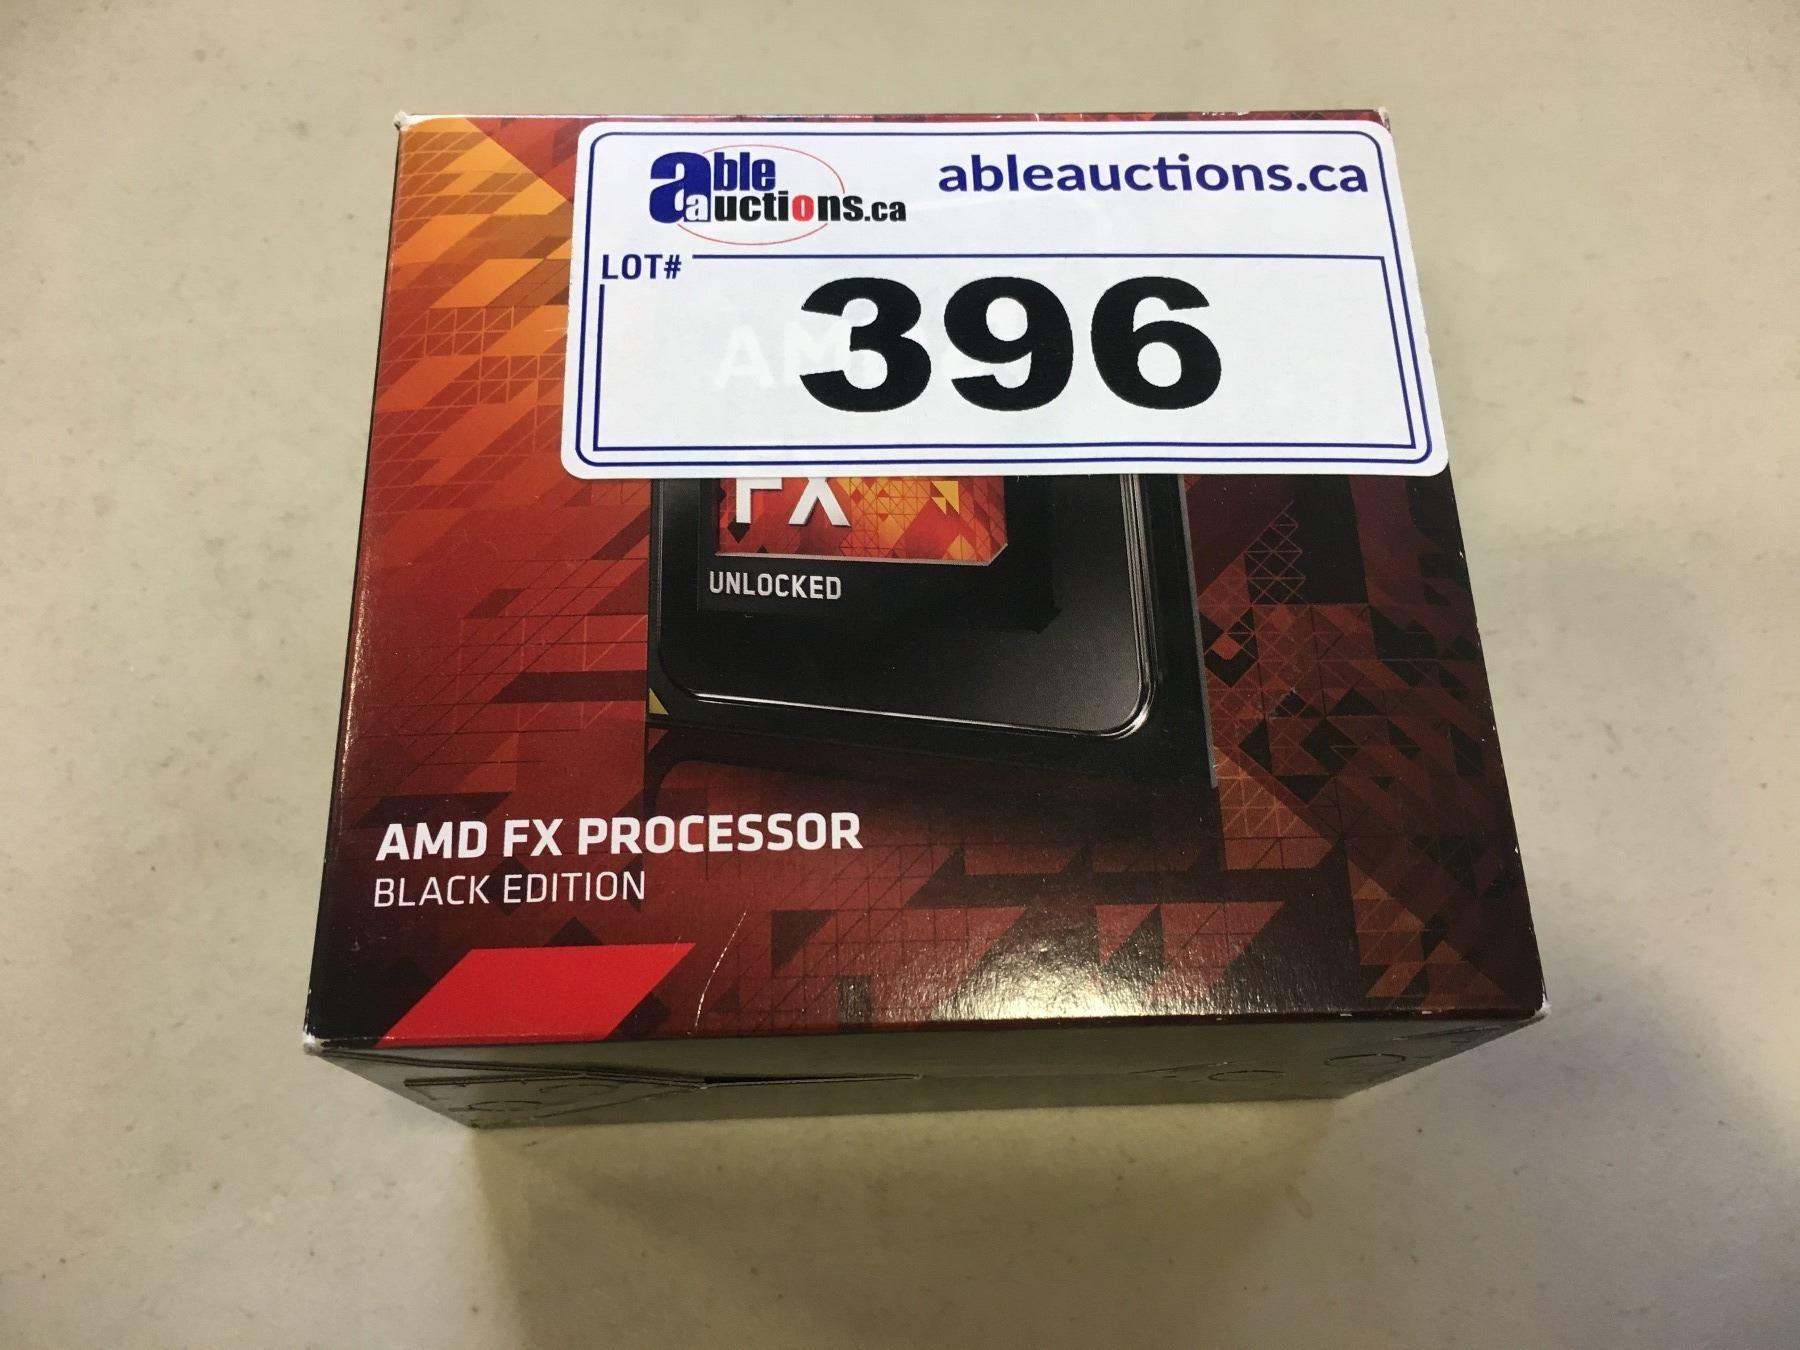 AMD FX 8370 BLACK EDITION 8 CORE PROCESSOR